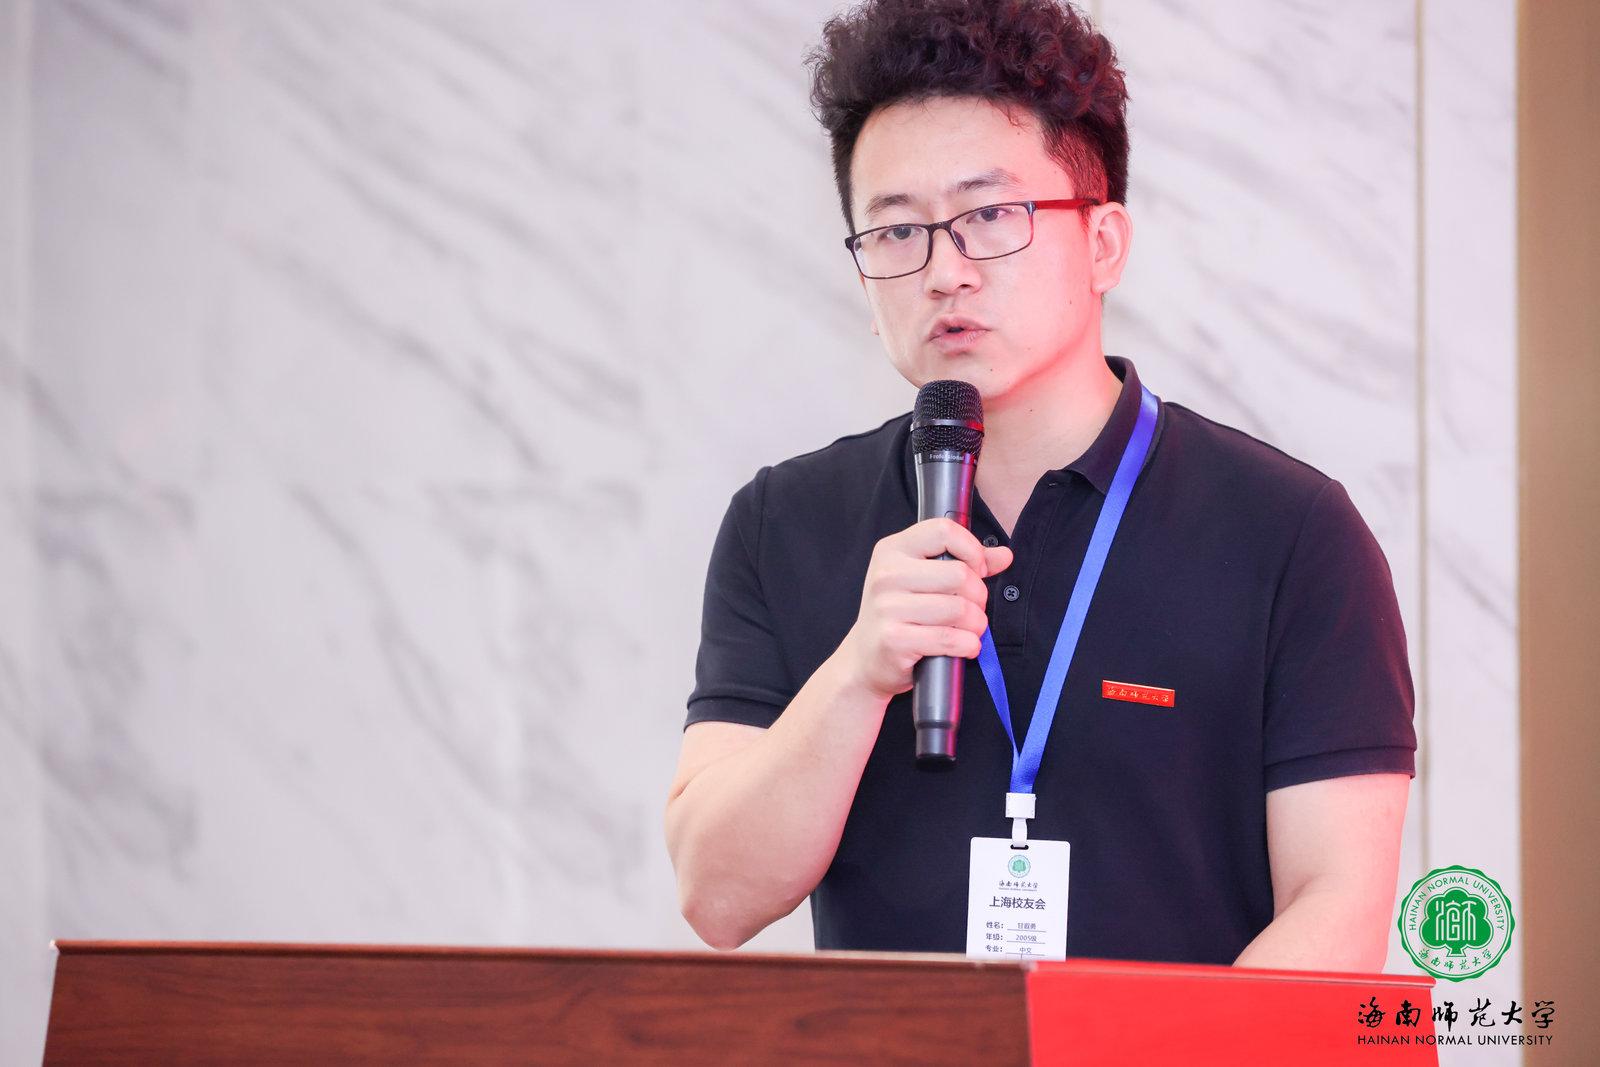 海南师范大学上海校友联络处暨校友分会成立